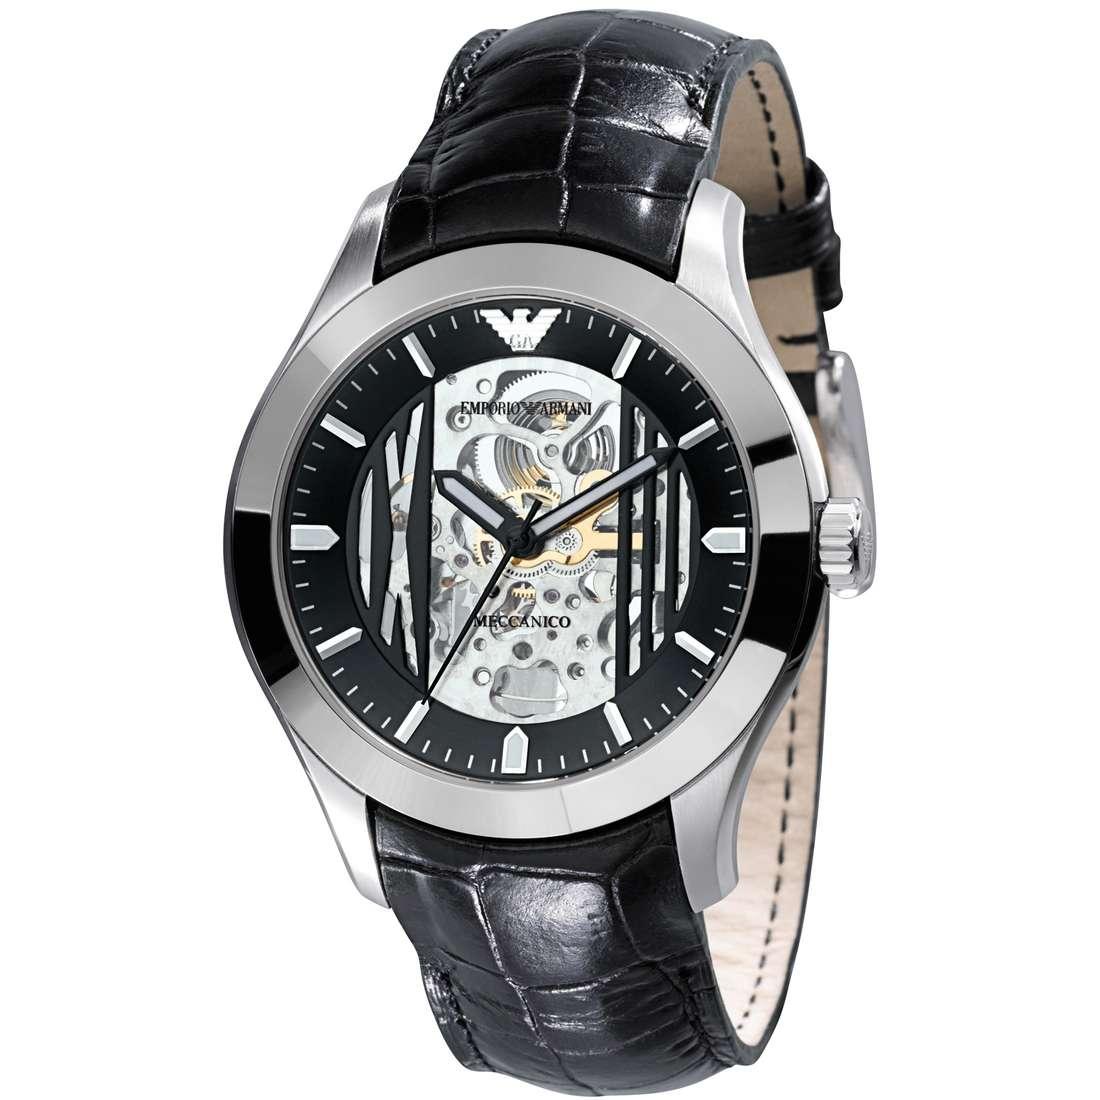 orologio meccanico uomo Emporio Armani AR4648